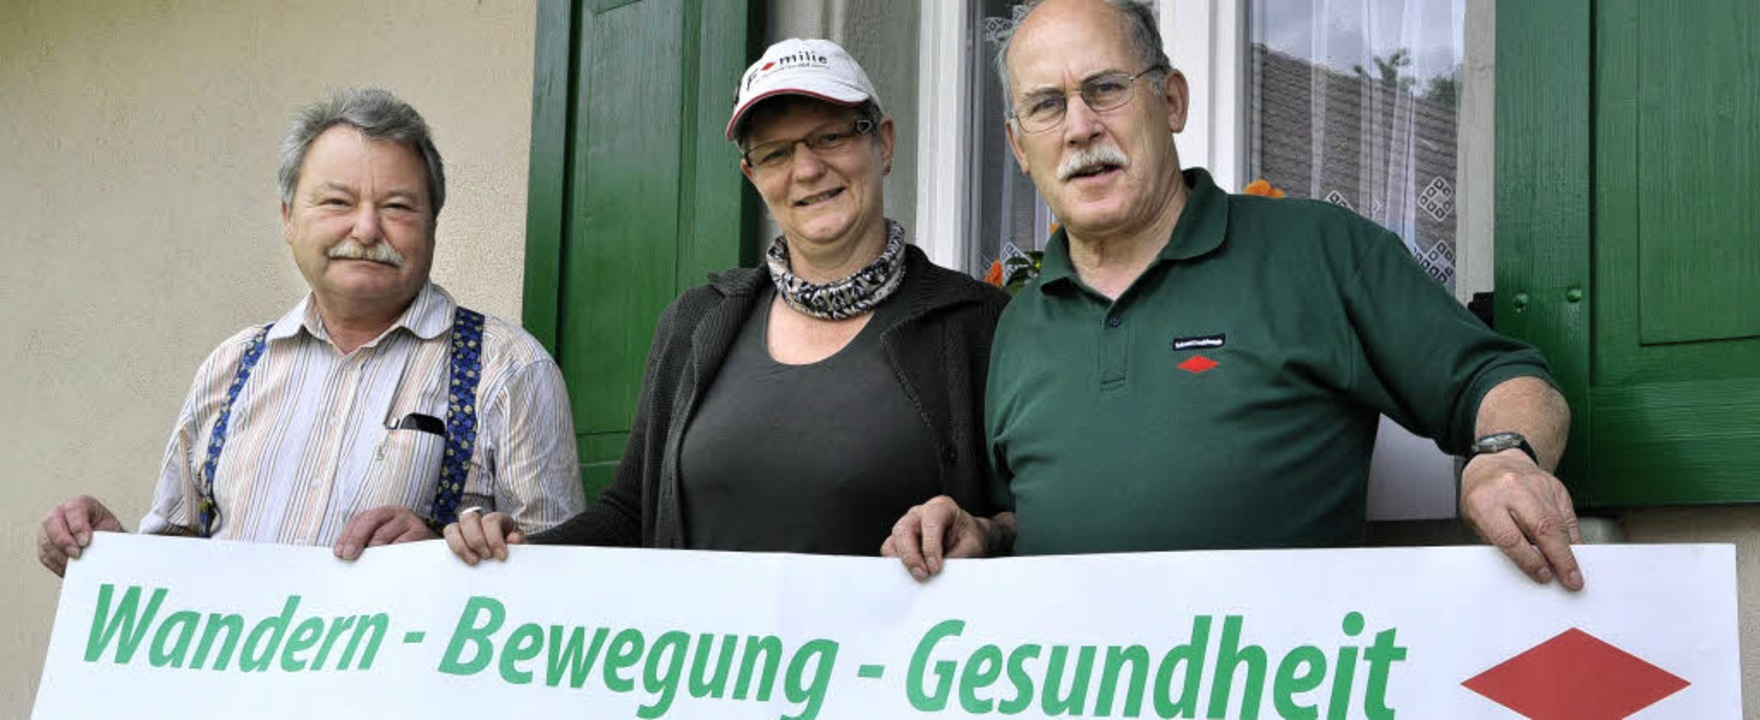 Ines Zeller lässt sich zur Gesundheits... auf  Impulse für die Wanderangebote.   | Foto: Elisabeth Willers